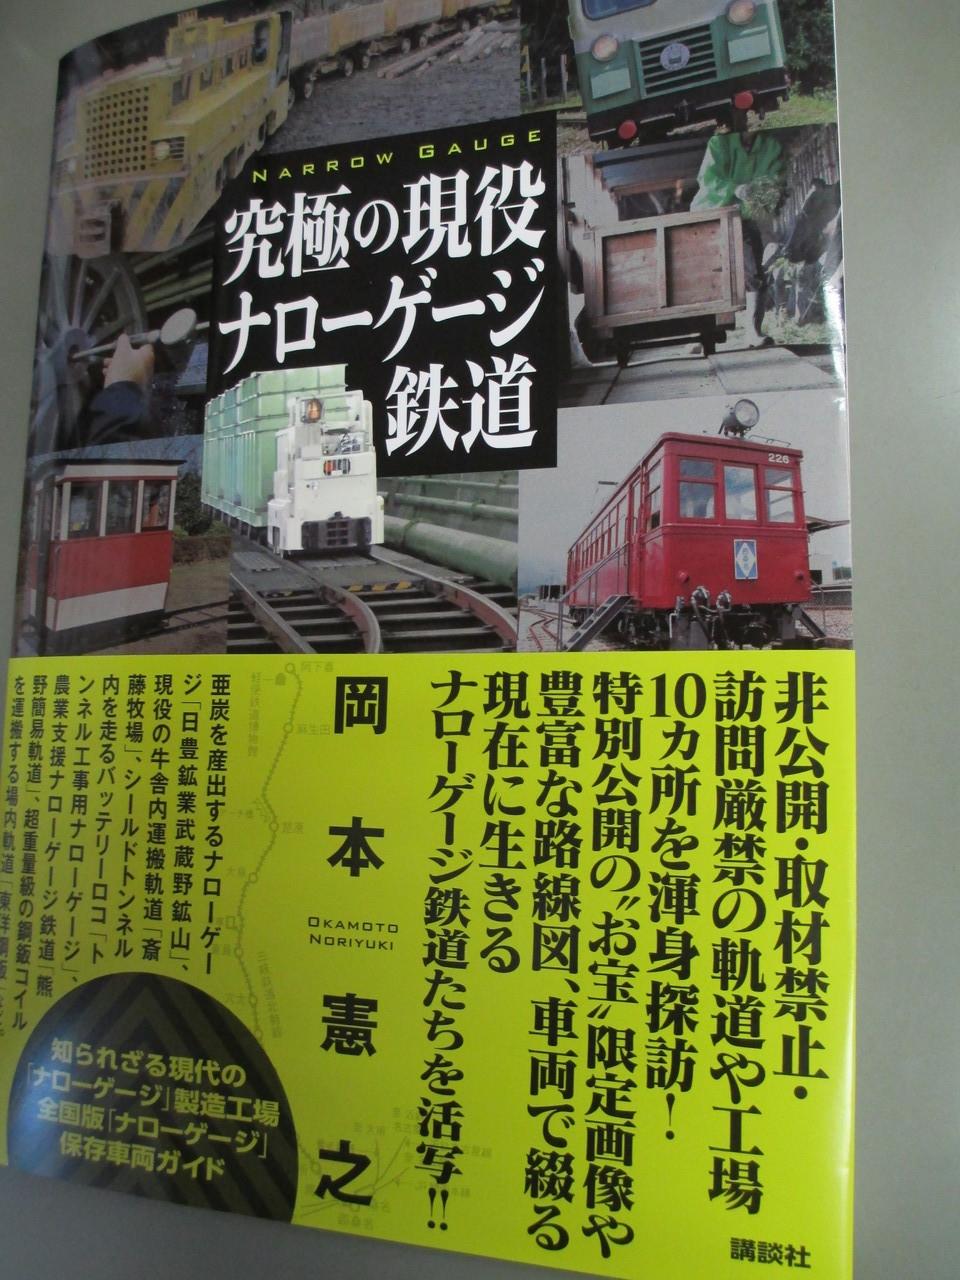 講談社発刊 岡本憲之著「究極の現役ナローゲージ鉄道」に弊社機関車が掲載されました。